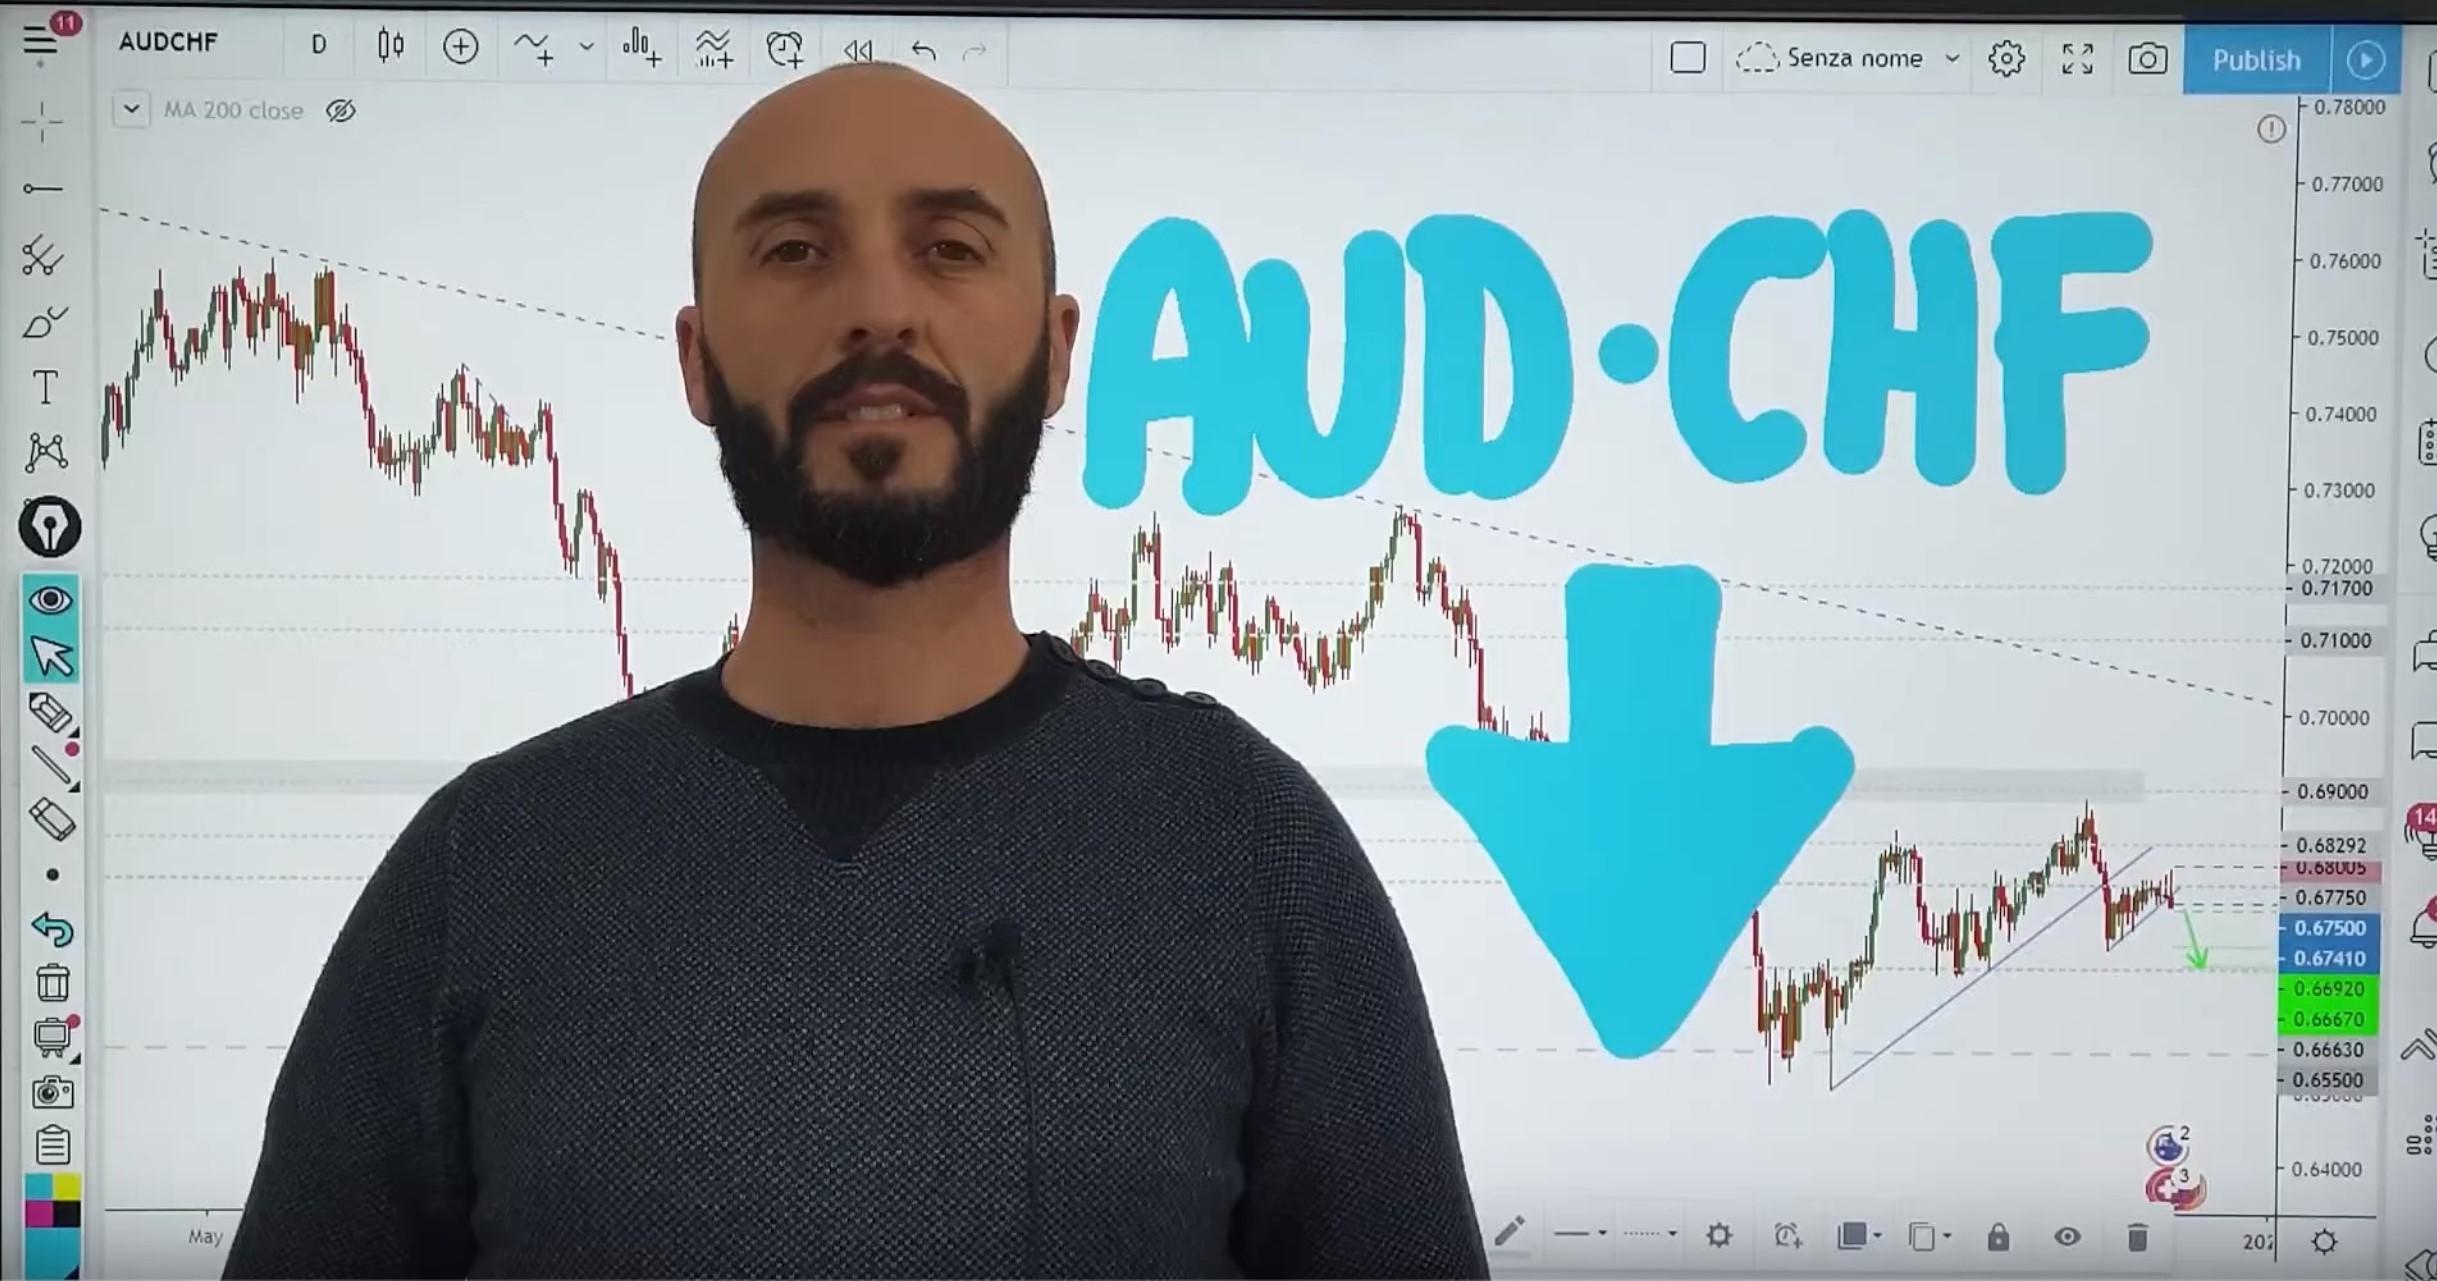 Analisi opportunità AUD-CHF del 03-12-19